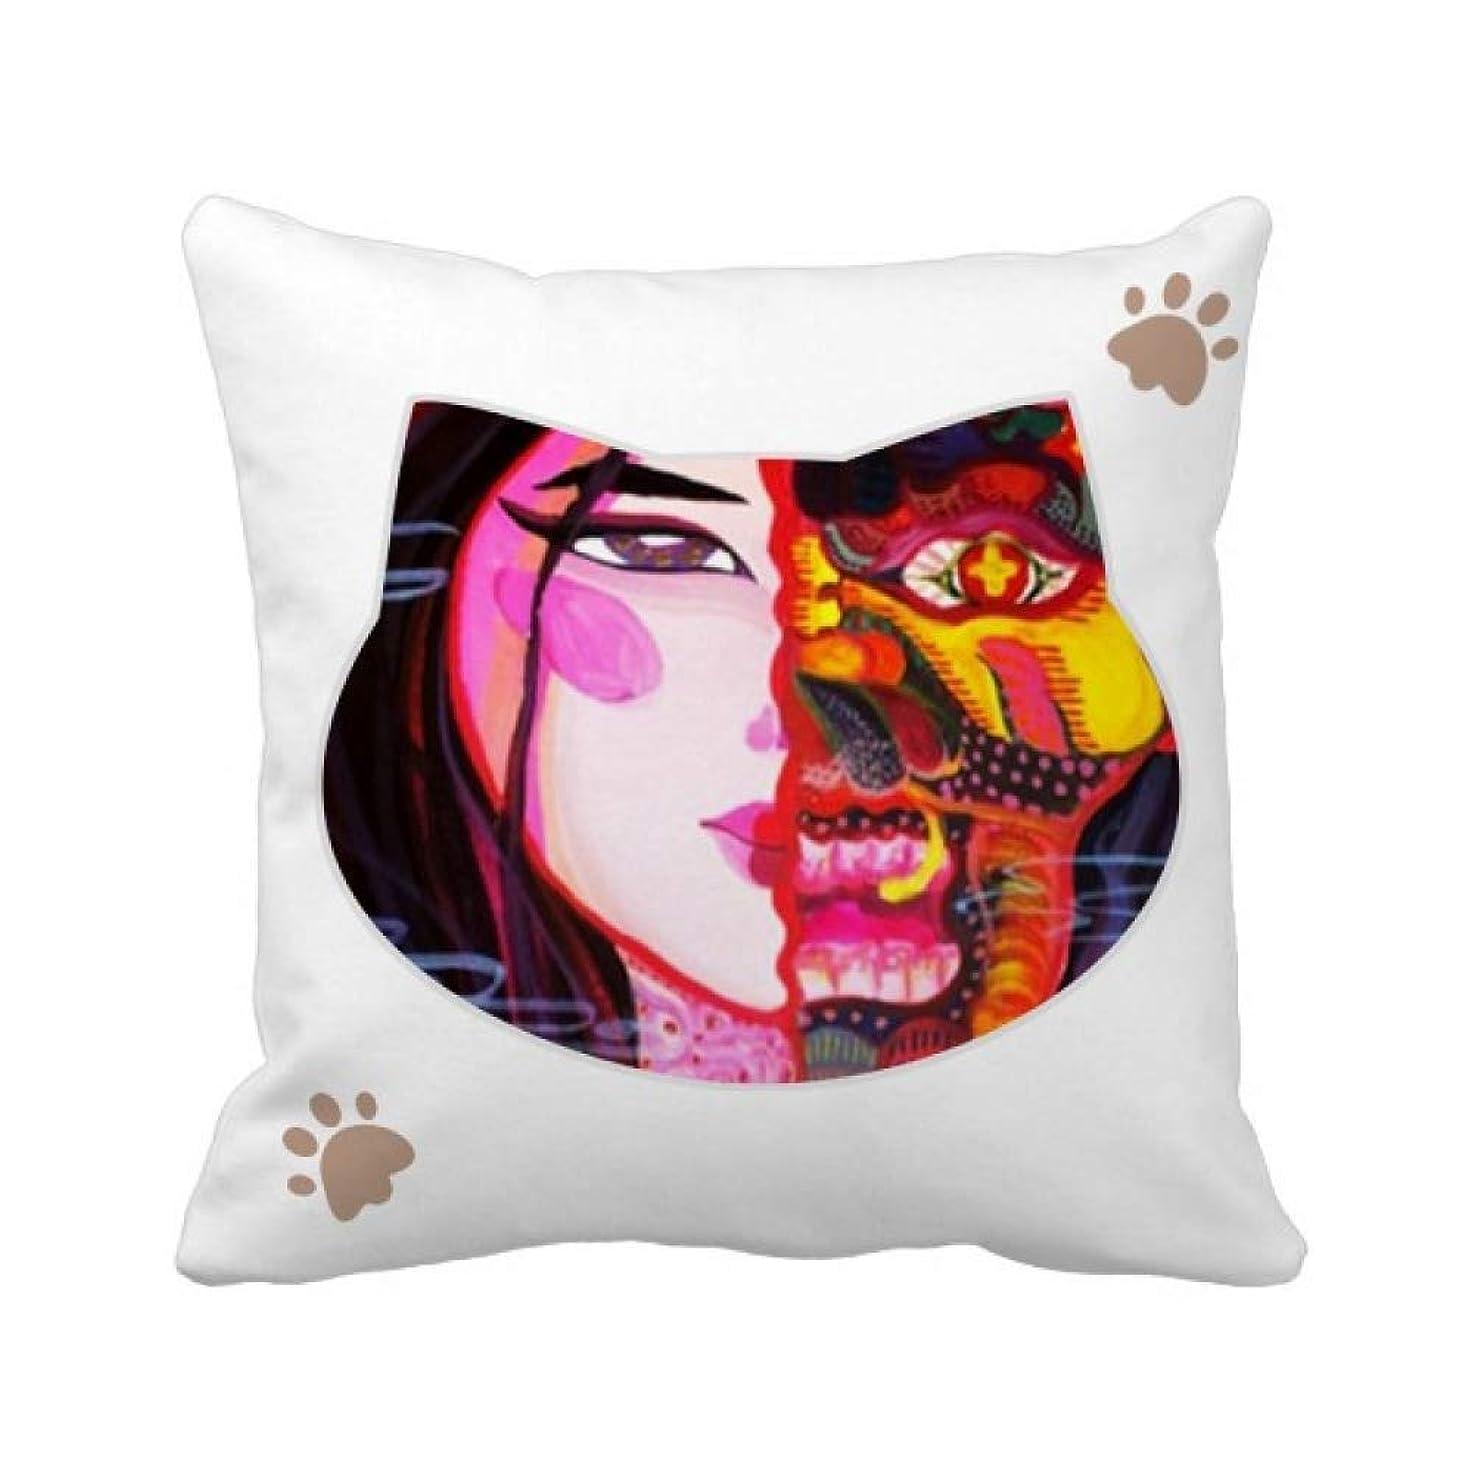 帽子サイト細胞幻滅abstracyアート 枕カバーを放り投げる猫広場 50cm x 50cm